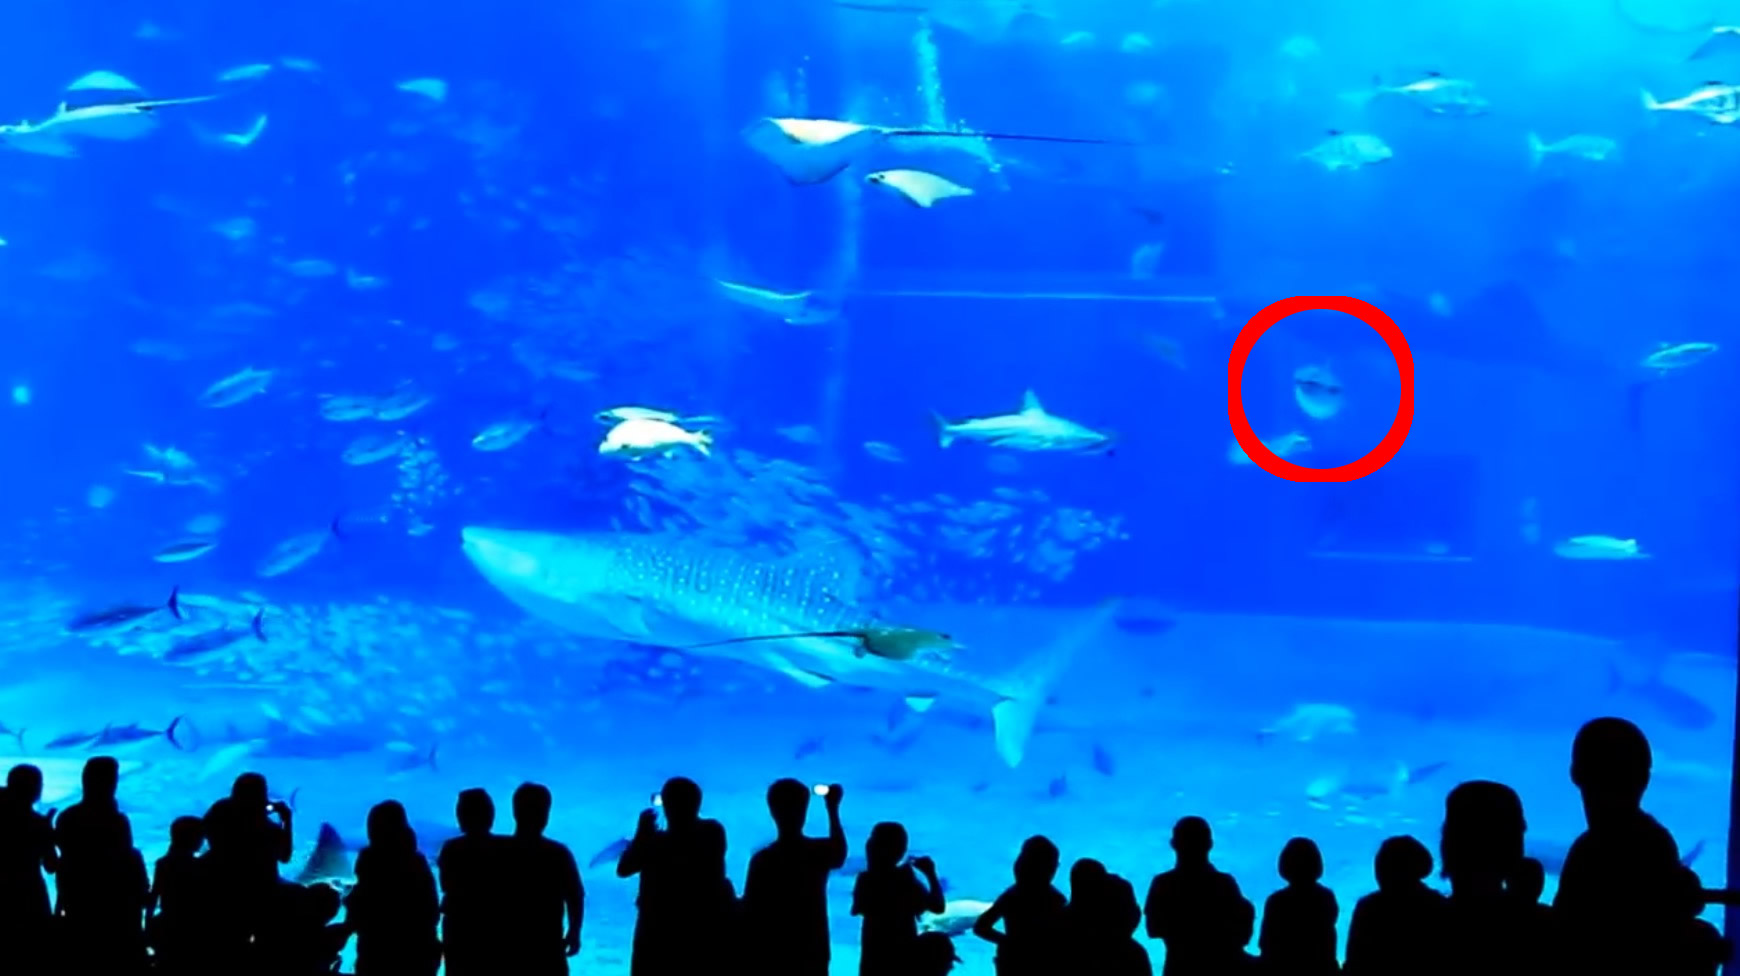 【追記あり】水族館でフラッシュ撮影をしてはいけない理由。。驚いたマグロが水槽に激突